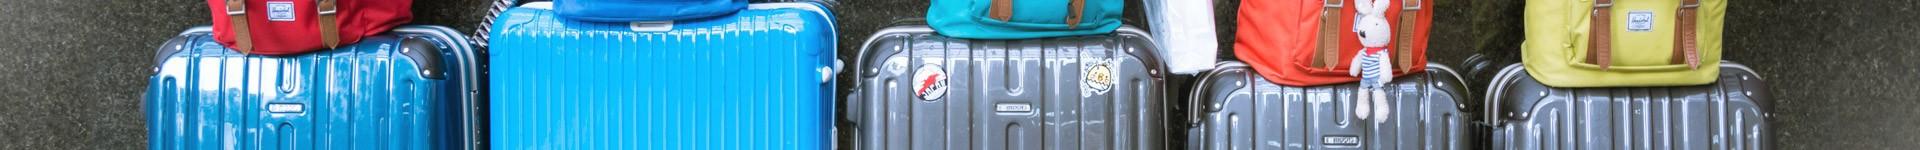 Kufferter, trolleys og rejsetasker